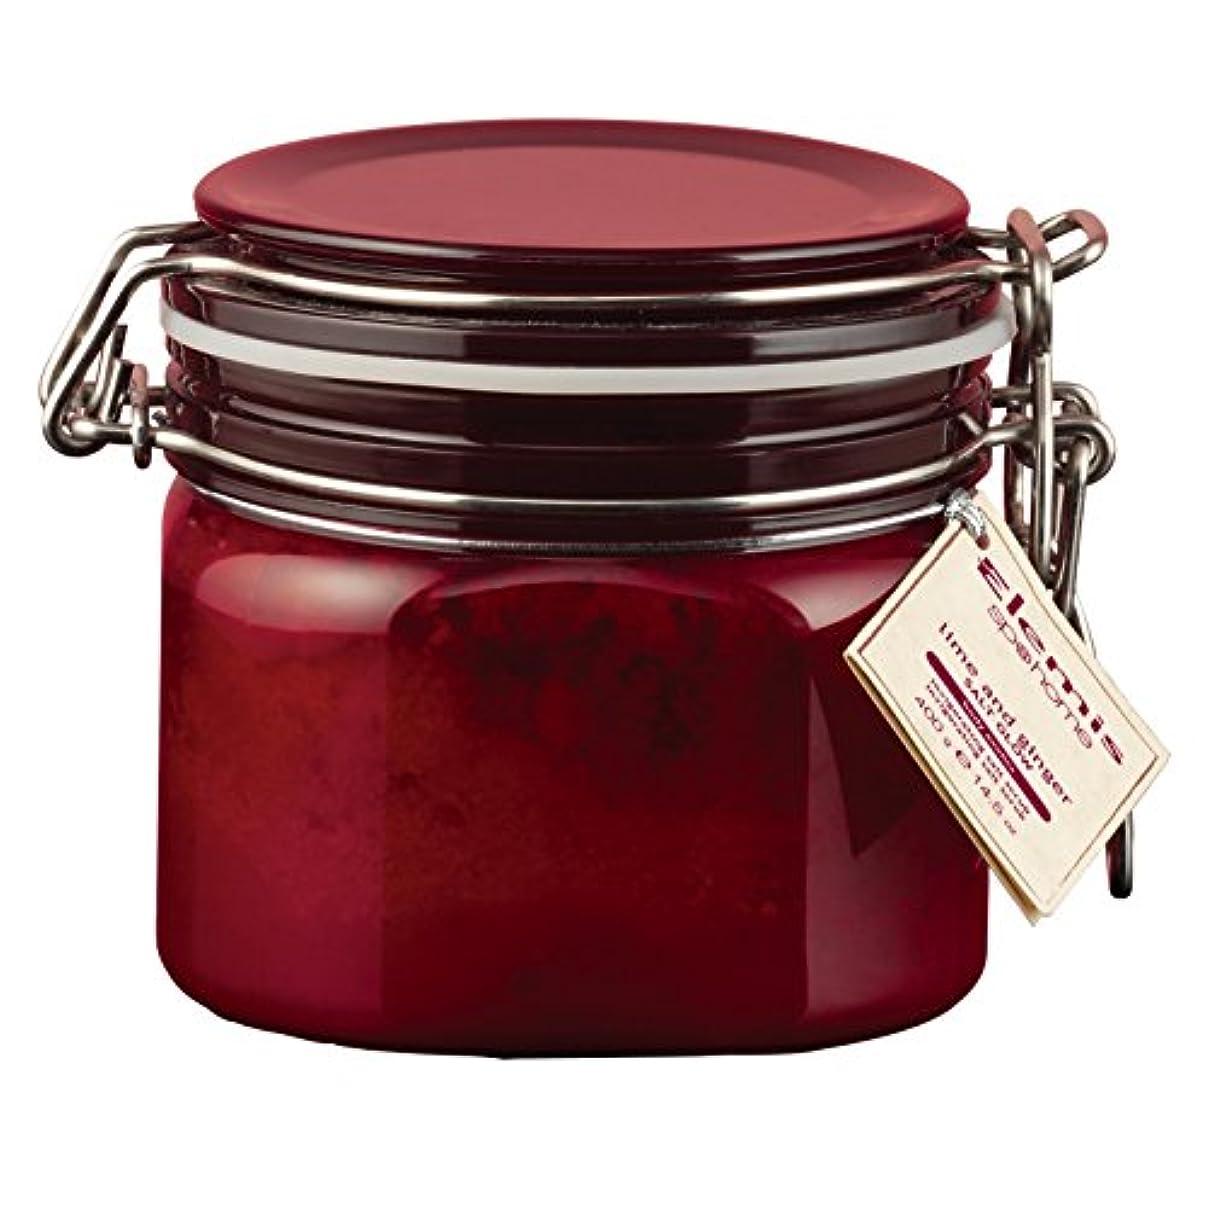 製造ノミネート側エレミスライムとジンジャーソルトグロー410グラム (Elemis) (x2) - Elemis Lime and Ginger Salt Glow 410g (Pack of 2) [並行輸入品]